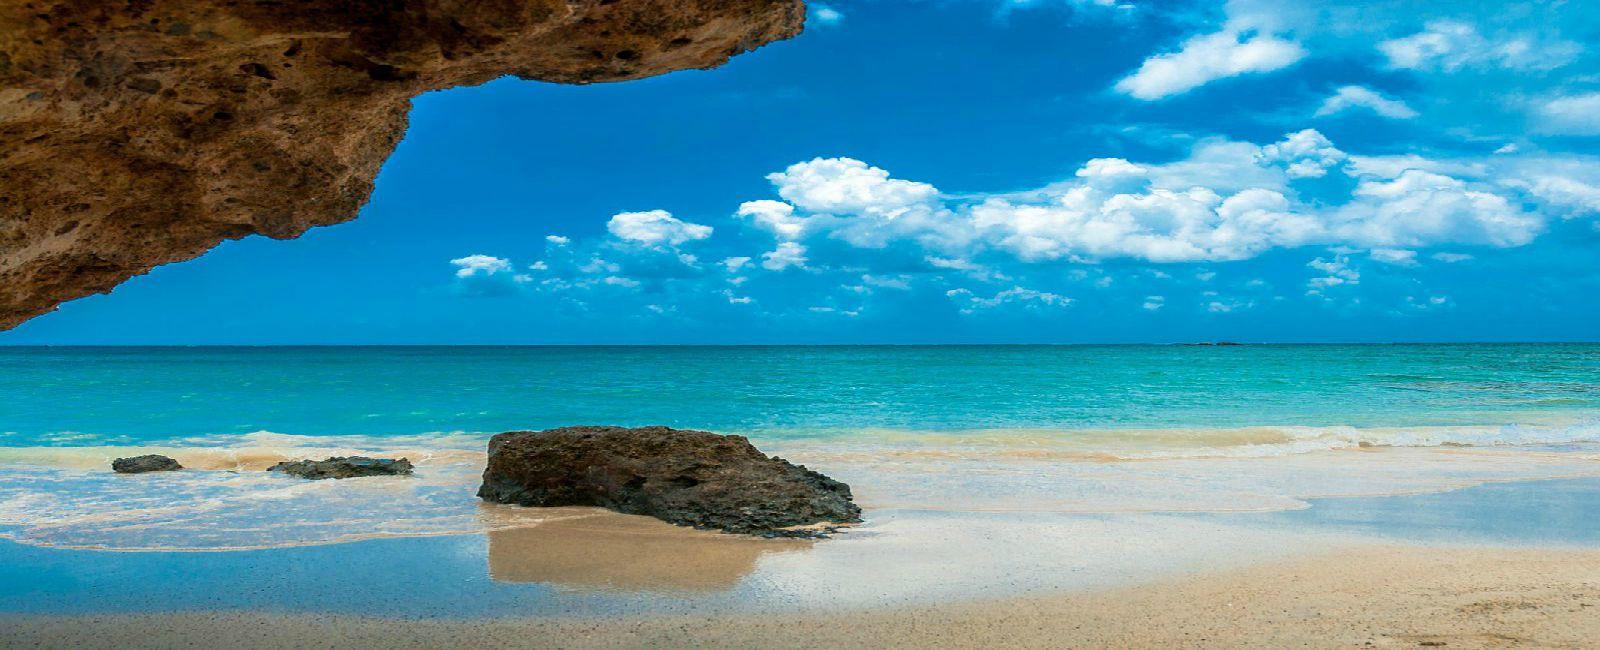 Crete island Epos Travel Tours